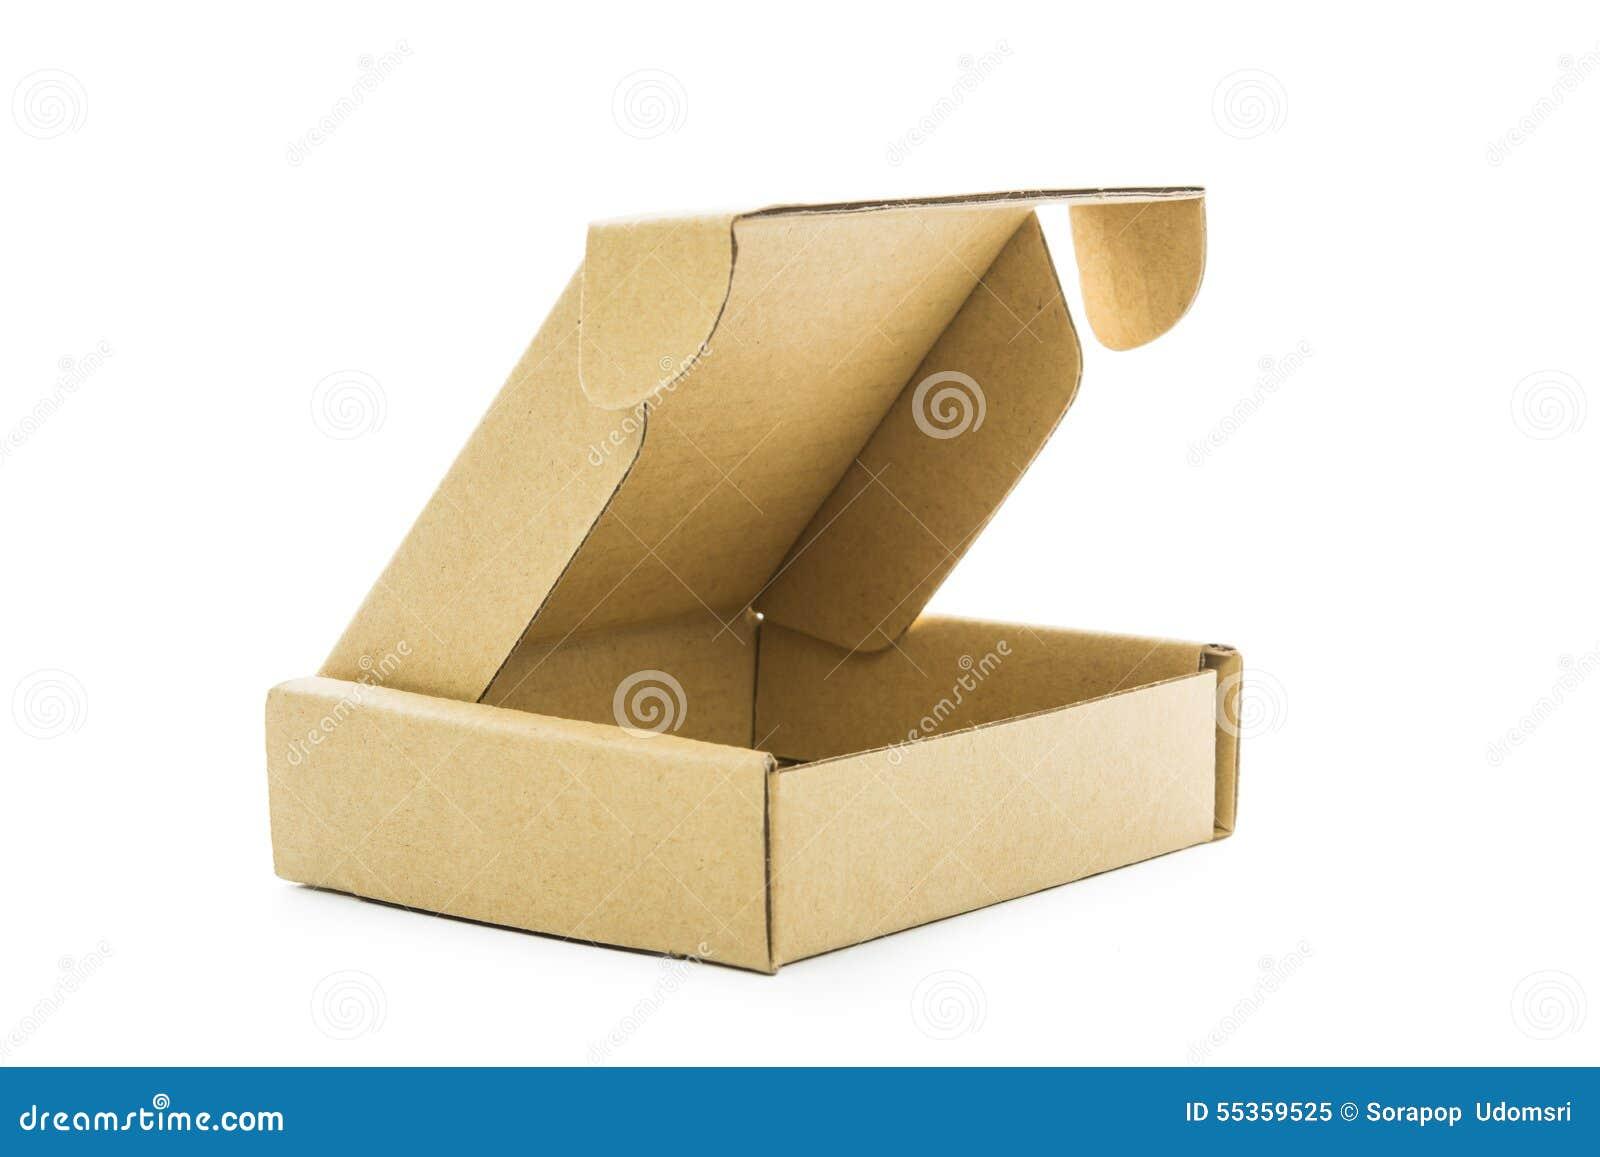 Isolato marrone del contenitore di cartone